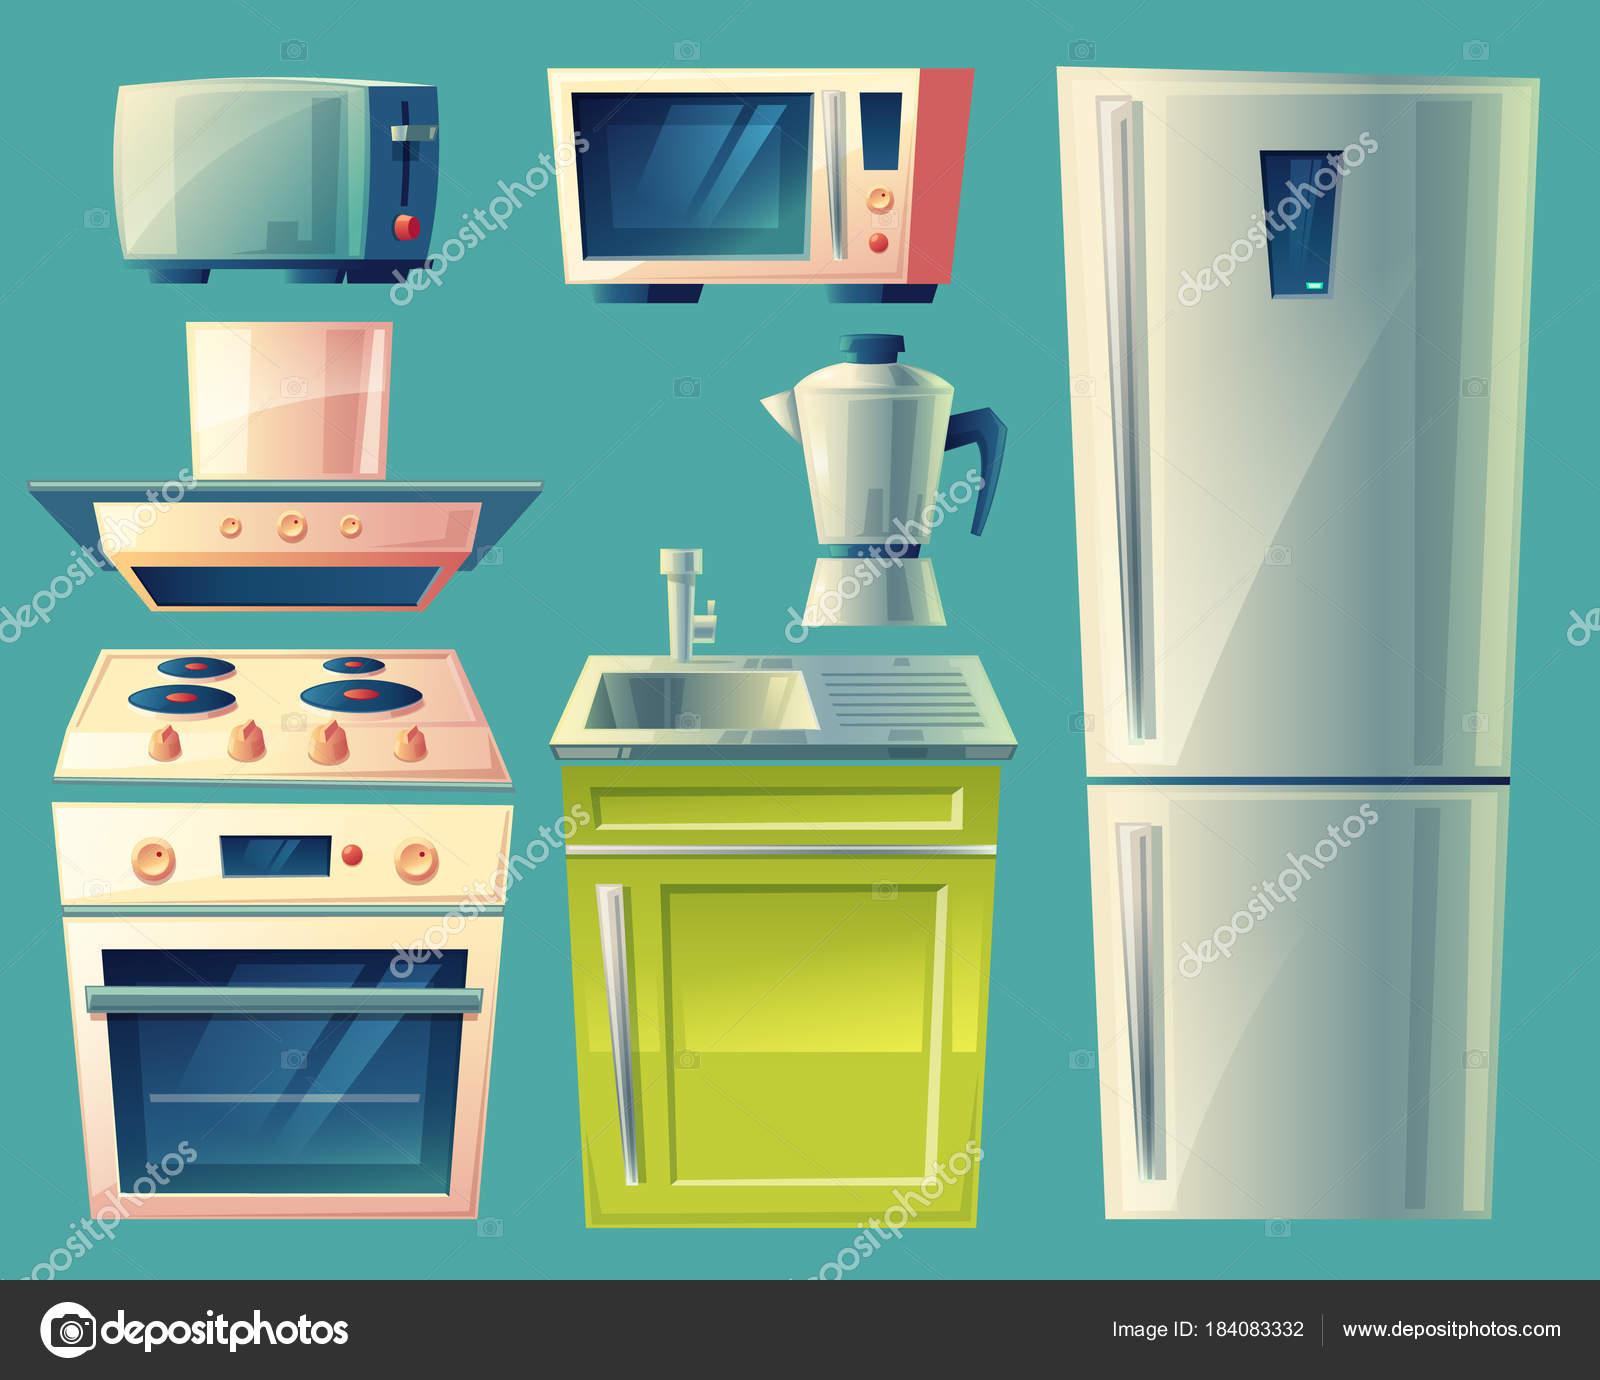 Im genes cocinas animadas vector de dibujos animados cocina objetos interiores vector de - Objetos de cocina ...